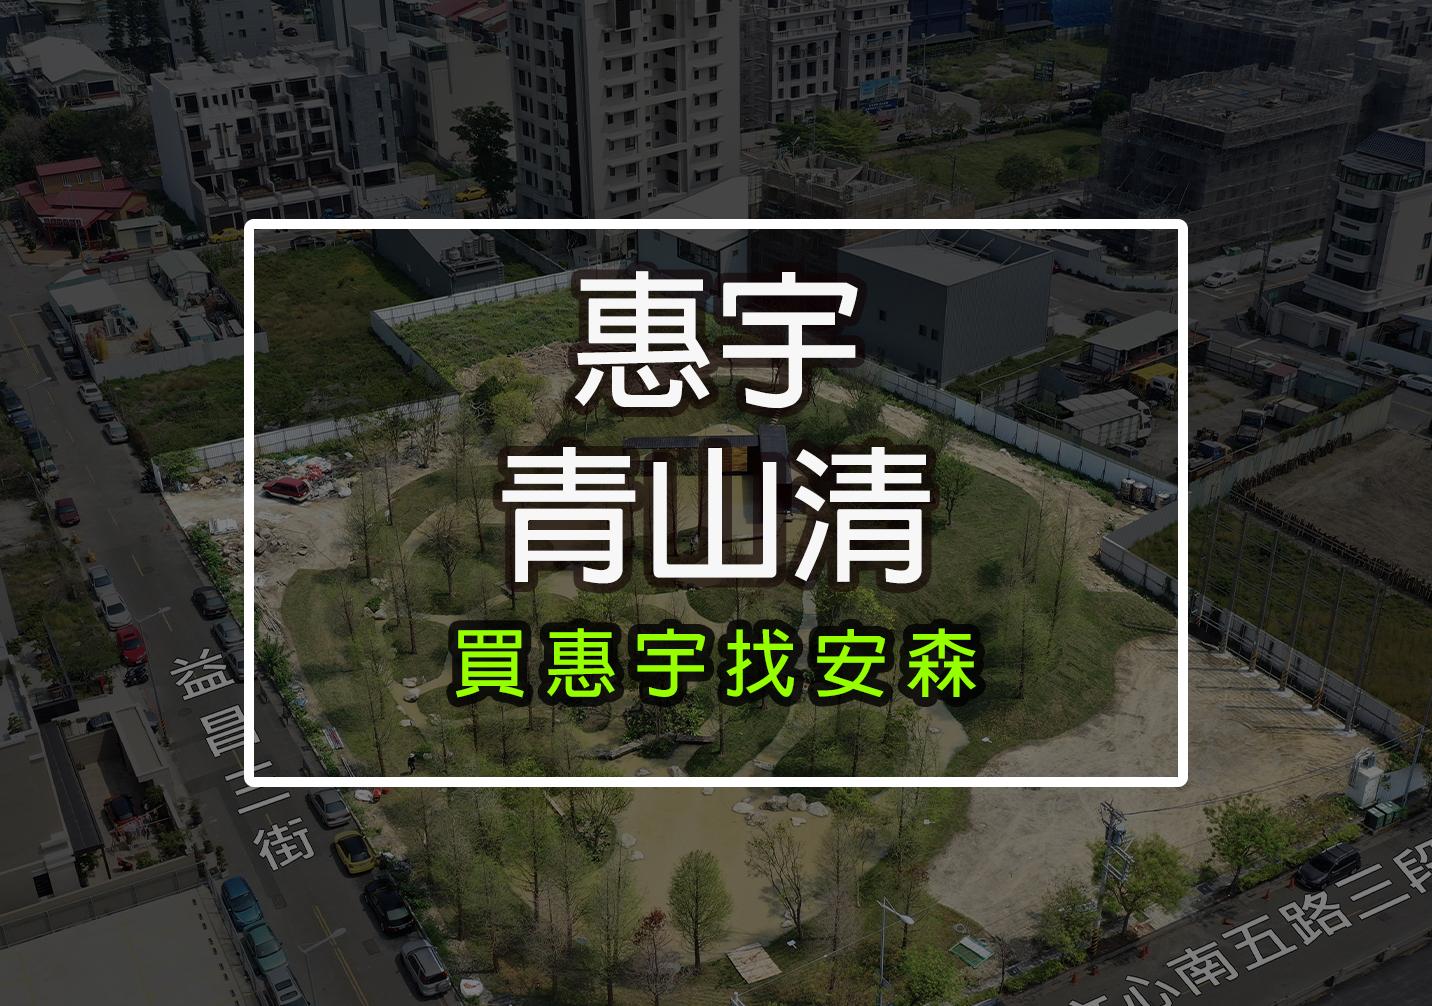 惠宇青山清。SKYVILLA。惠宇建設。城中央、有浮島。單元三。多圖。買惠宇找安森0979-616-027